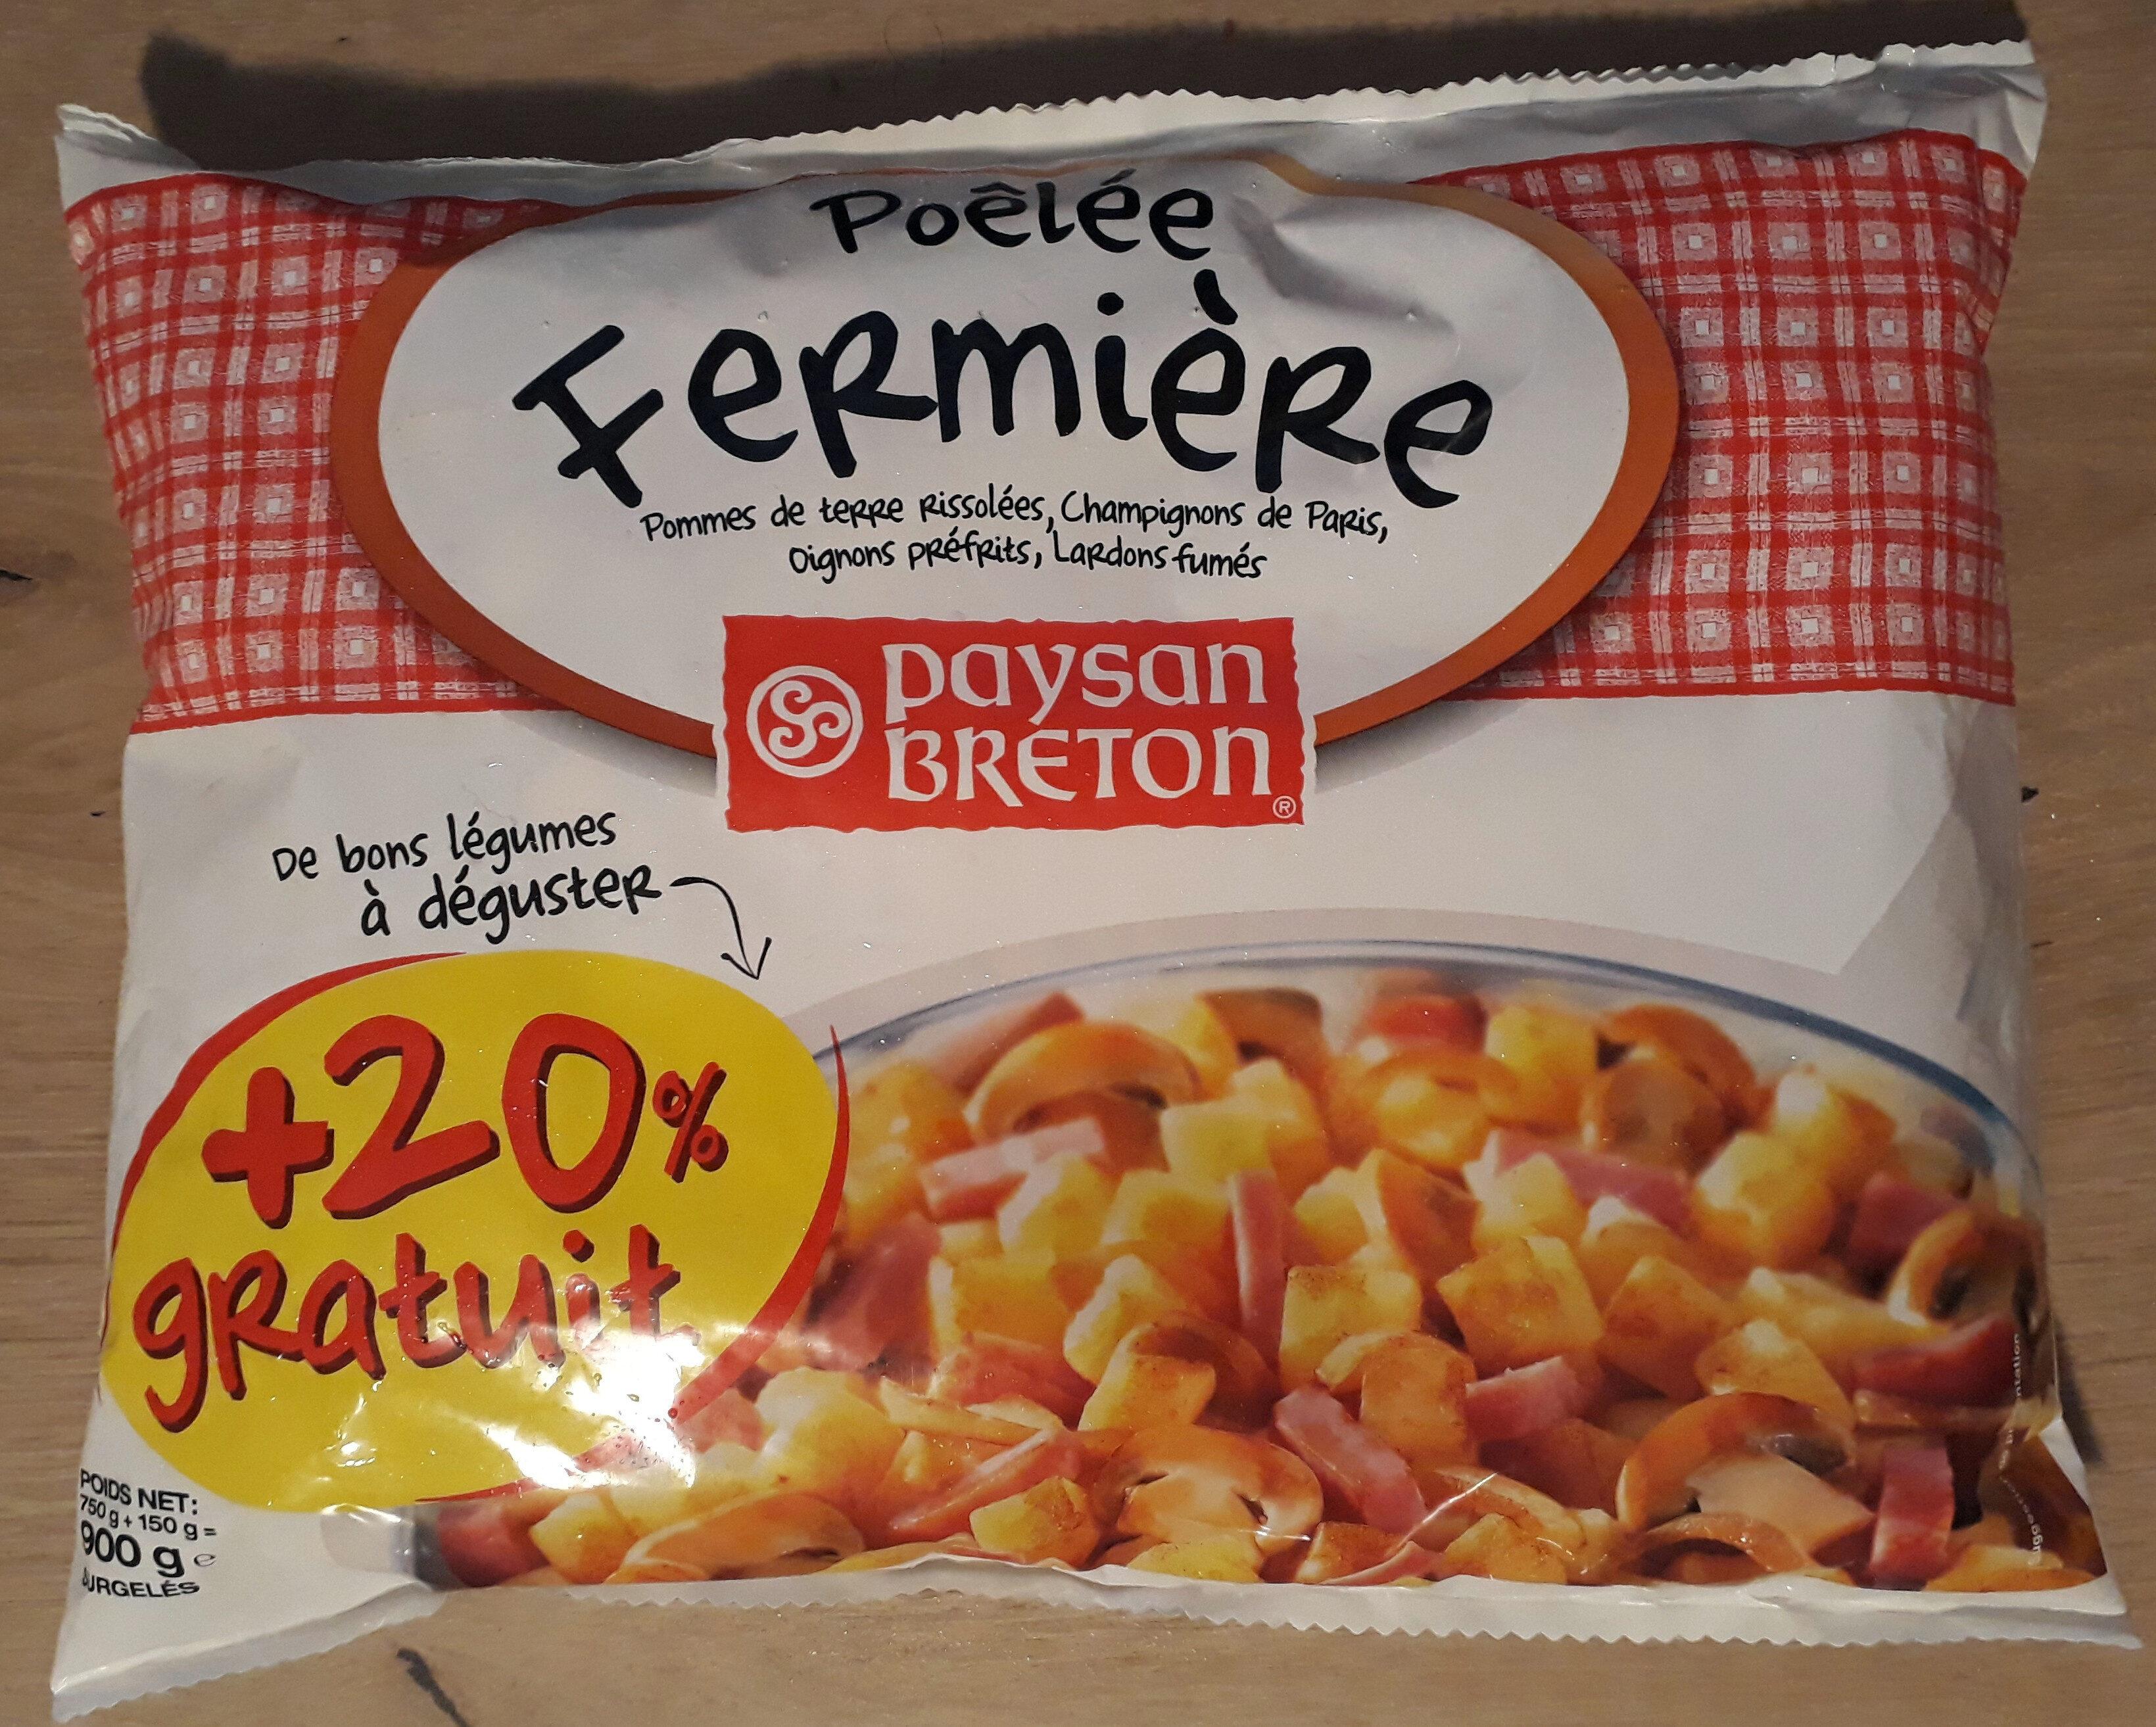 Poêlée Fermière - Product - fr